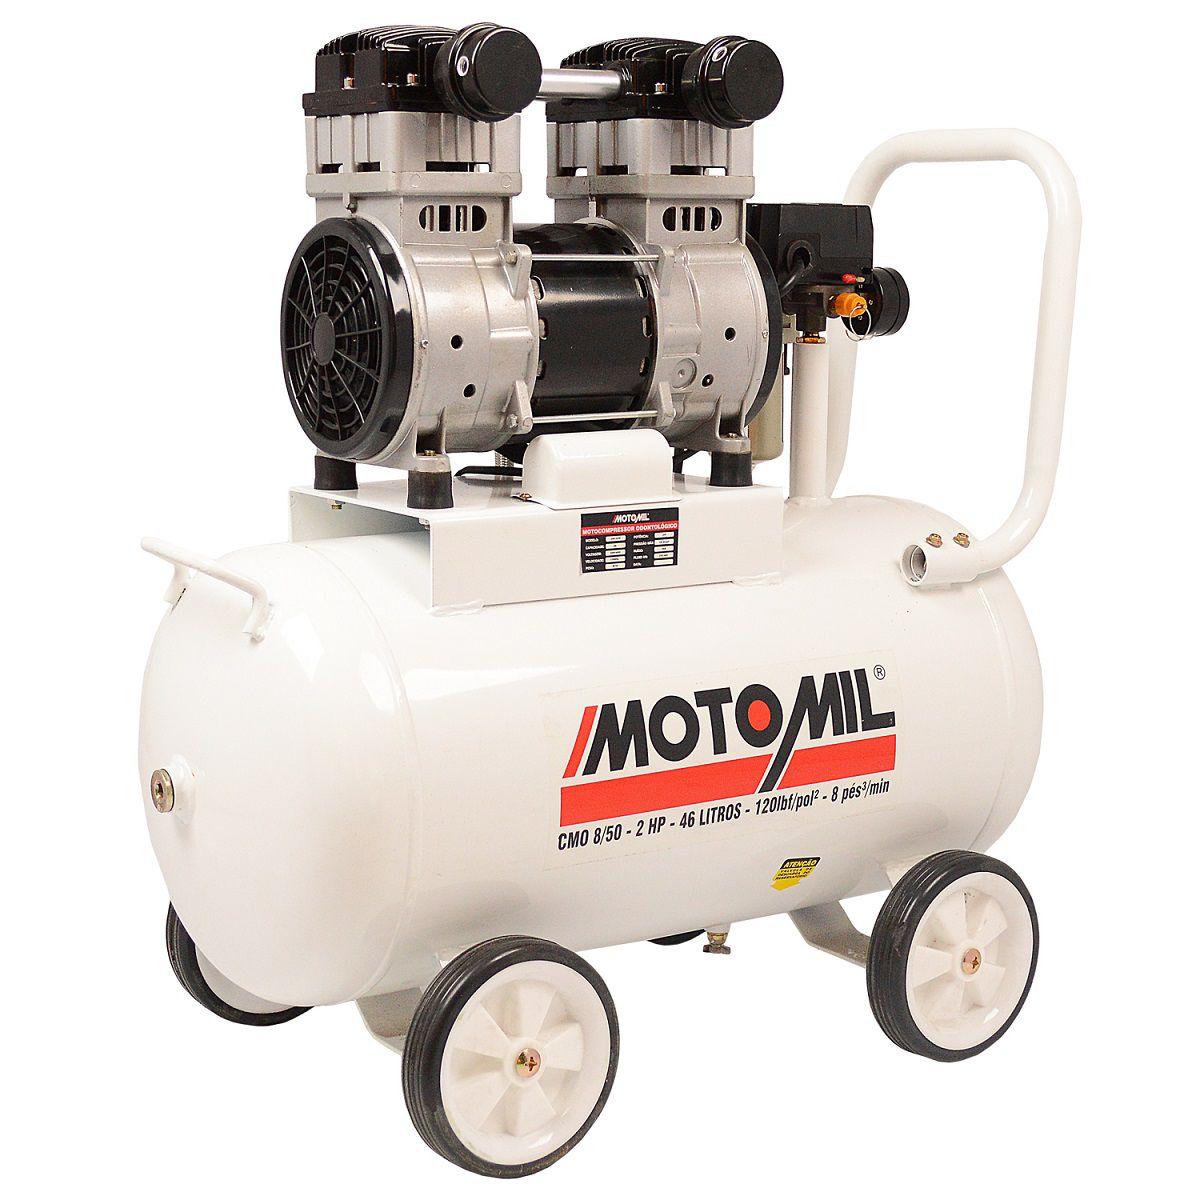 Compressor de Ar Odontológico 8Pcm Cmo-8/50 Motomil - 220V Mono